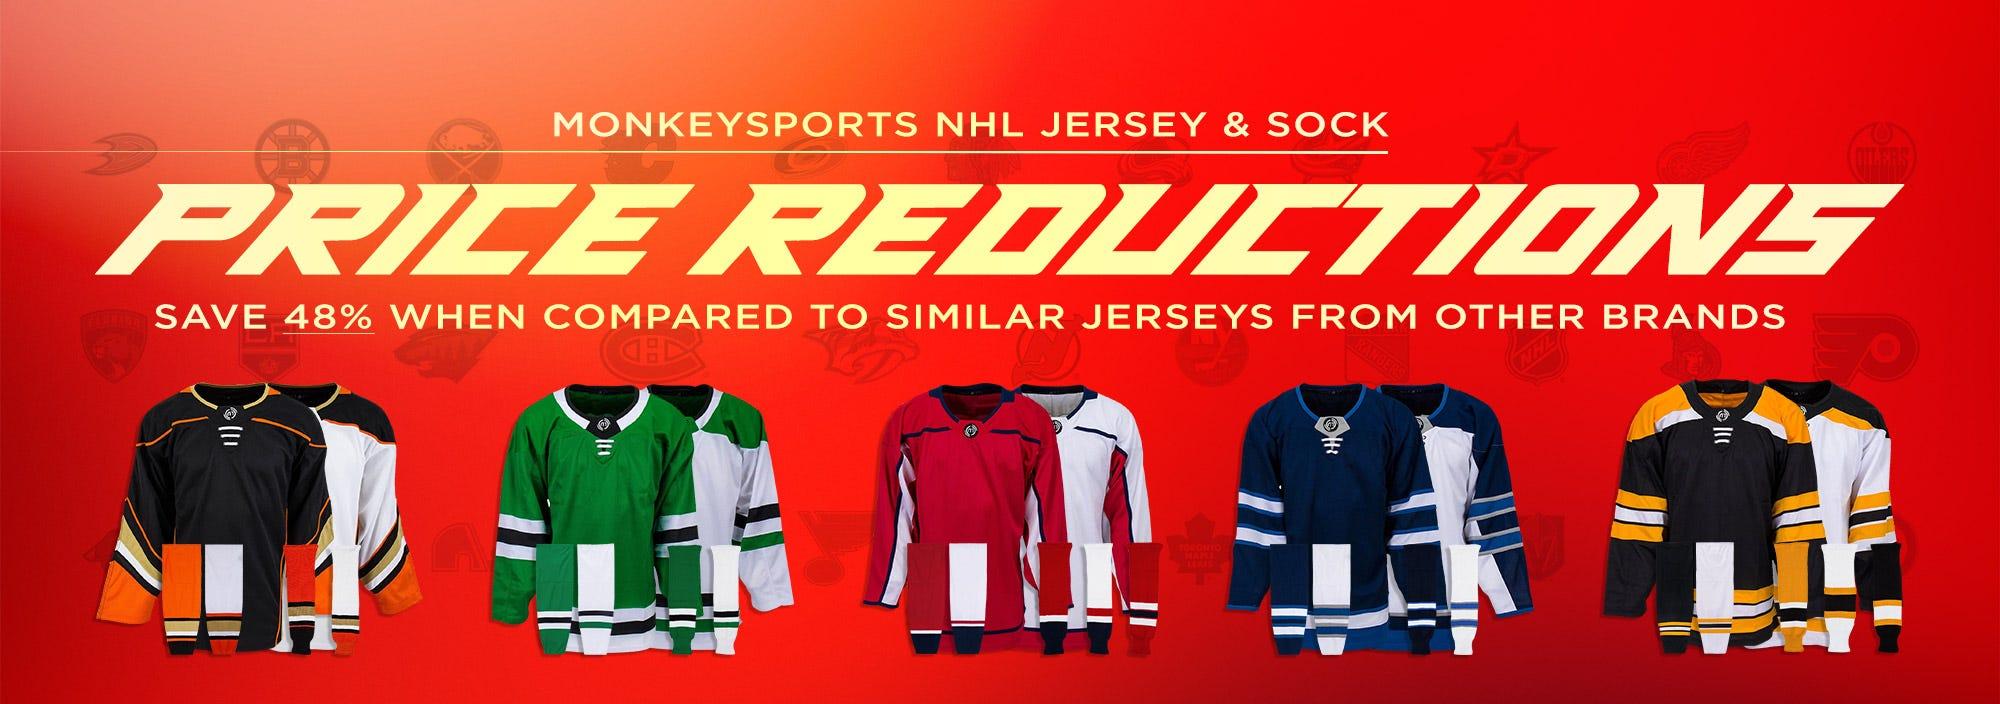 MonkeySports Hockey Jerseys & Socks Price Reductions